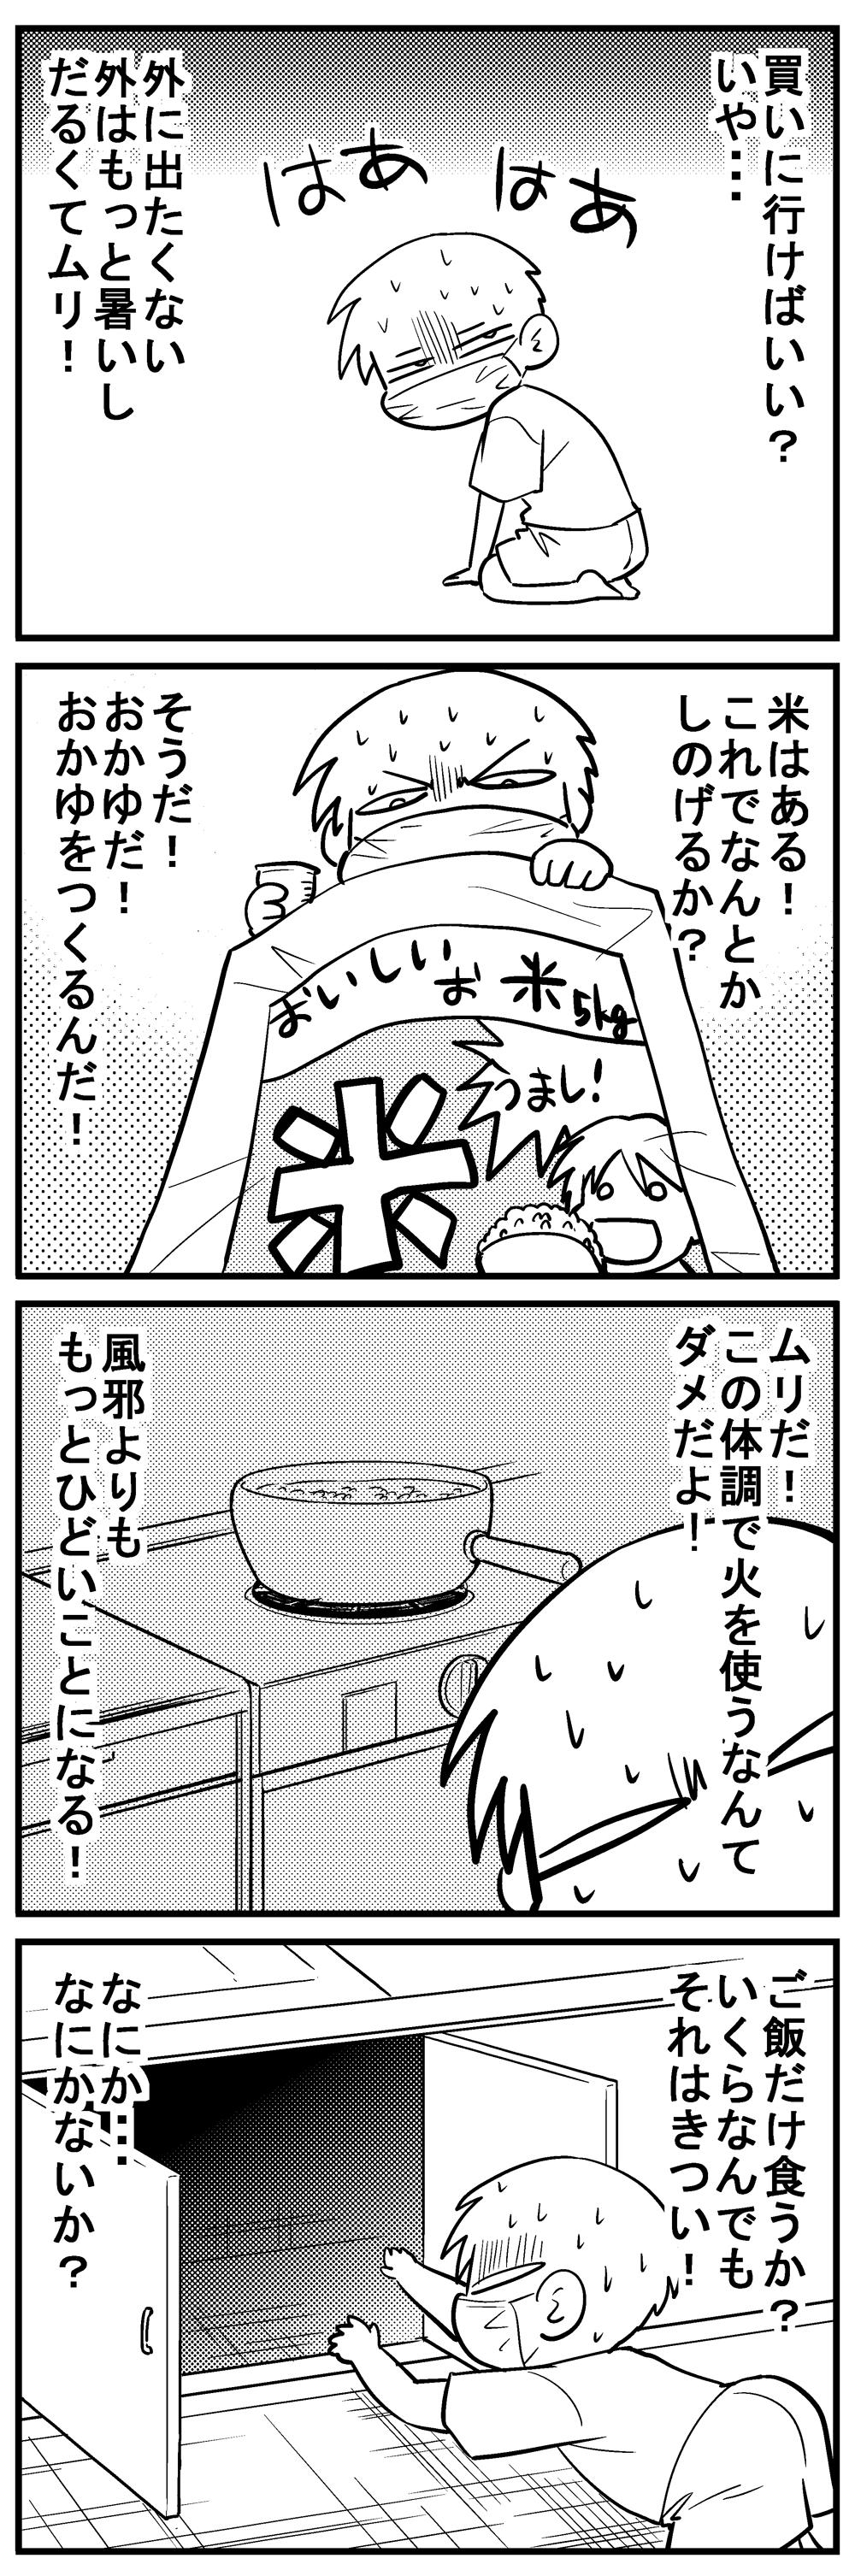 深読みくん65-2